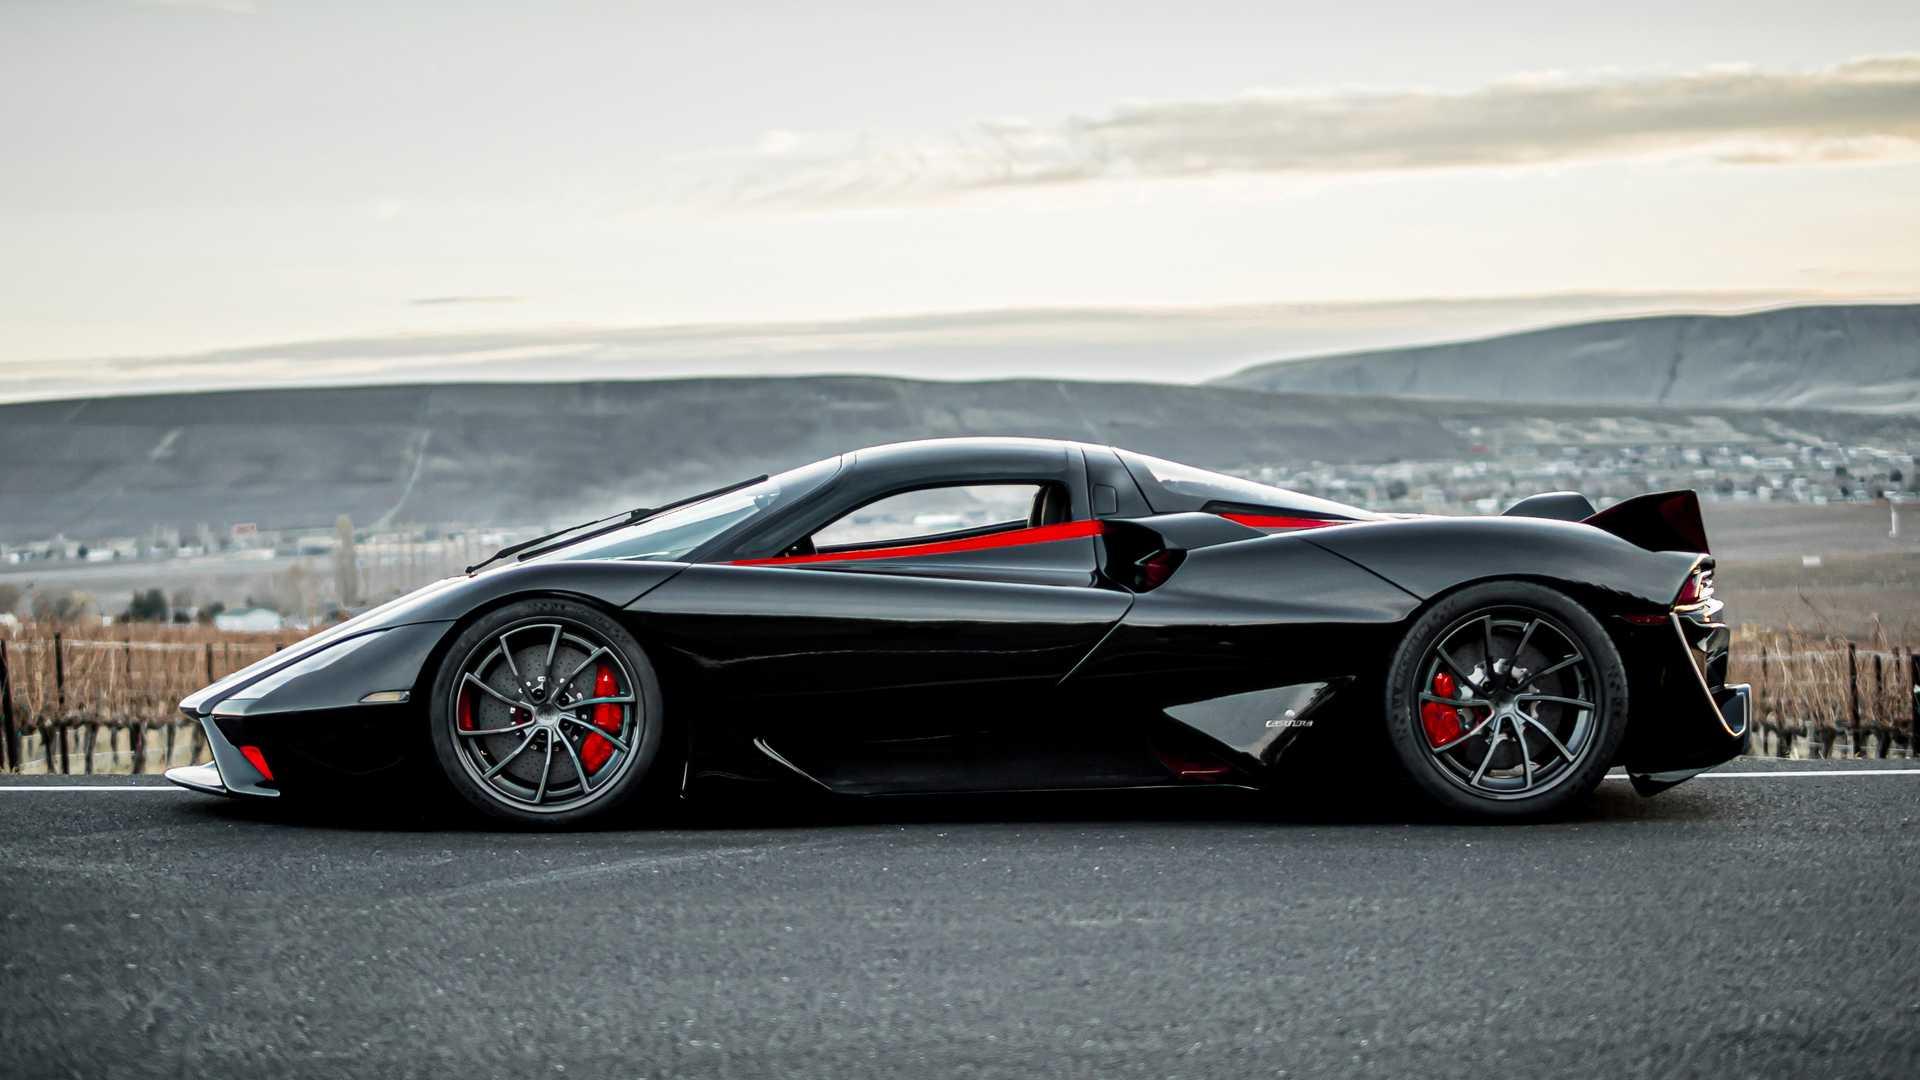 Самый быстрый суперкар в мире впервые показался на видео